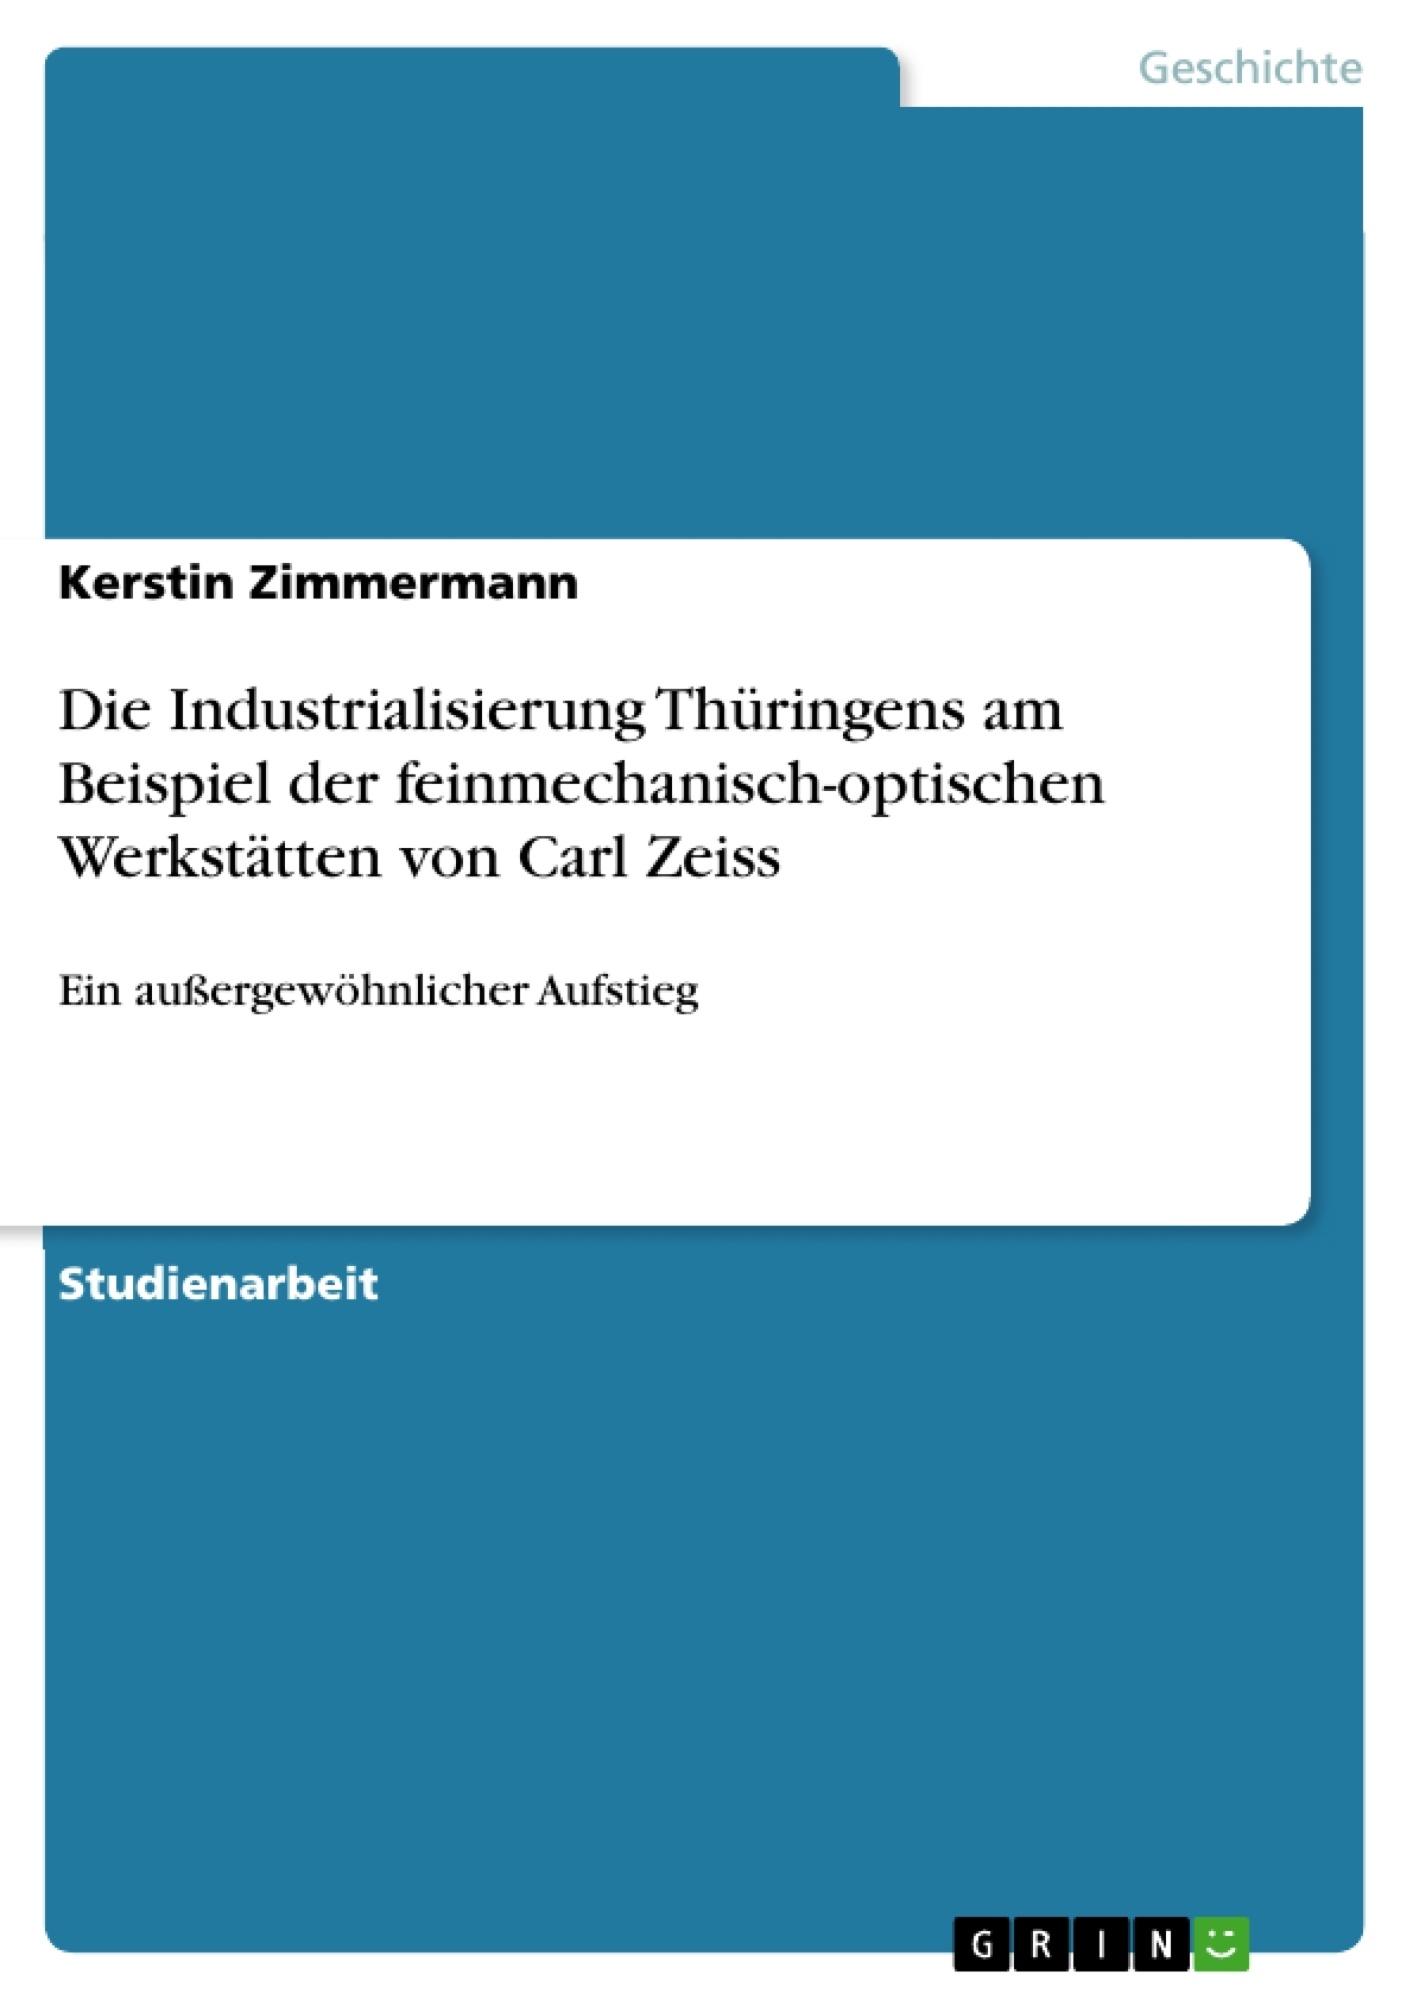 Titel: Die Industrialisierung Thüringens am Beispiel der feinmechanisch-optischen Werkstätten von Carl Zeiss